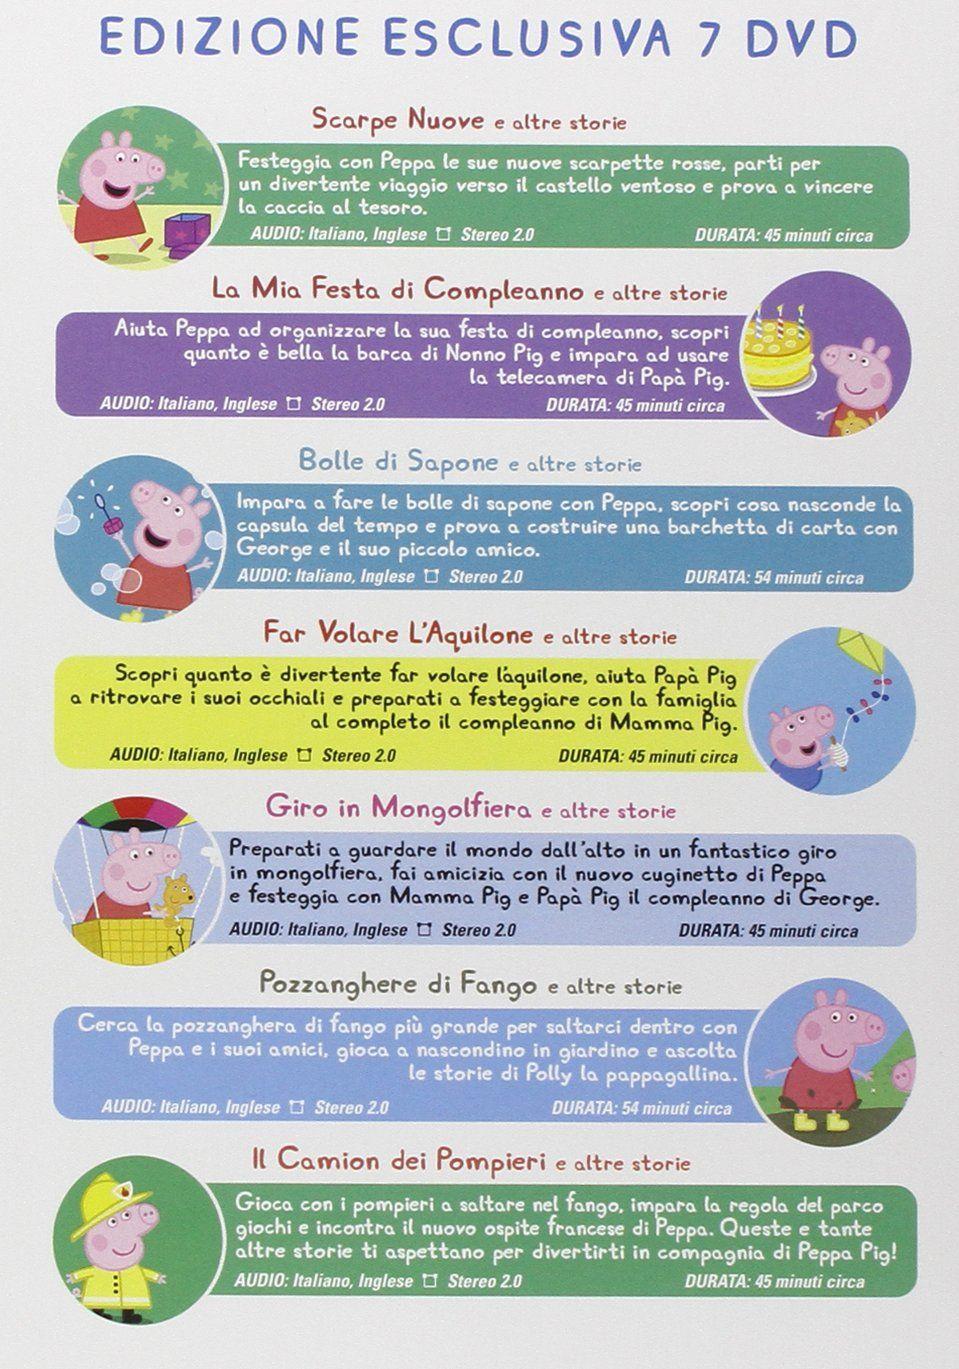 Peppa Pig Boxset Peppa Pig Boxset Peppa Pig Caccia Al Tesoro Festa Di Compleanno